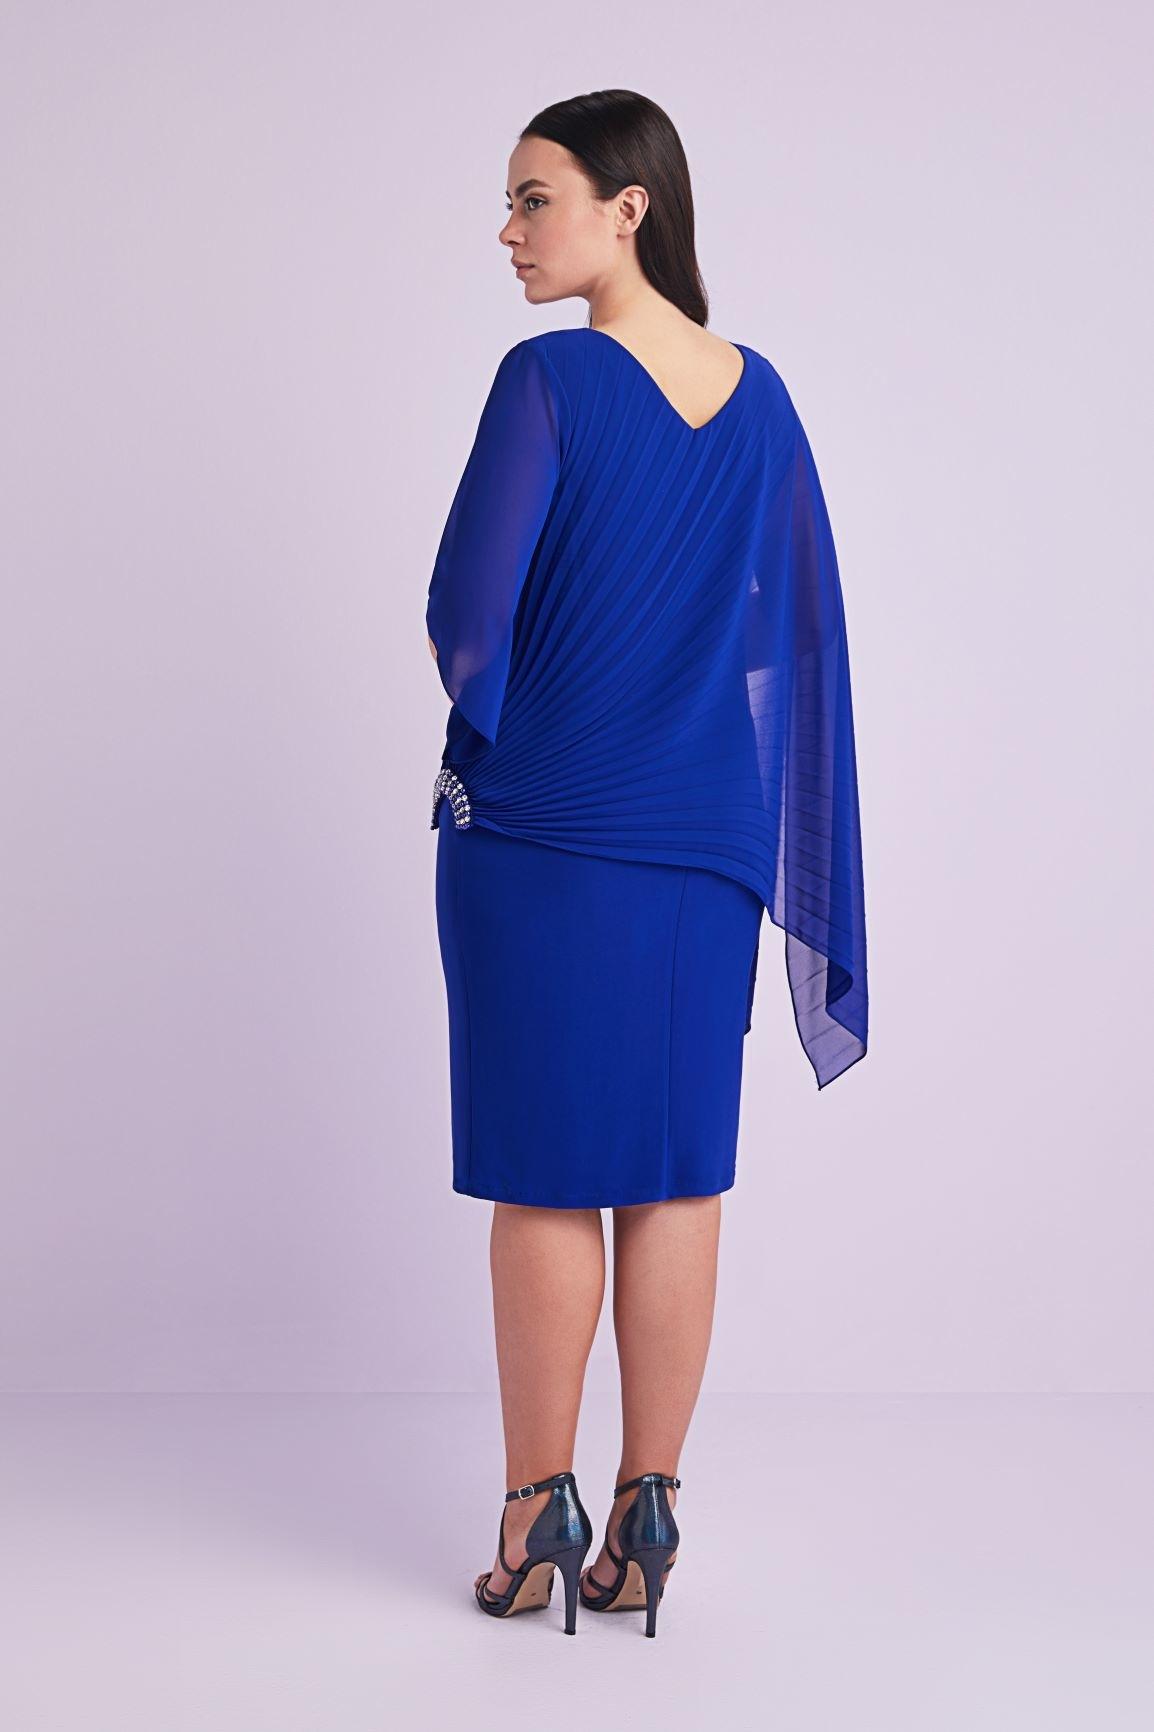 Mavi Şifon V Yaka Midi Boy Büyük Beden Abiye Elbise - Thumbnail